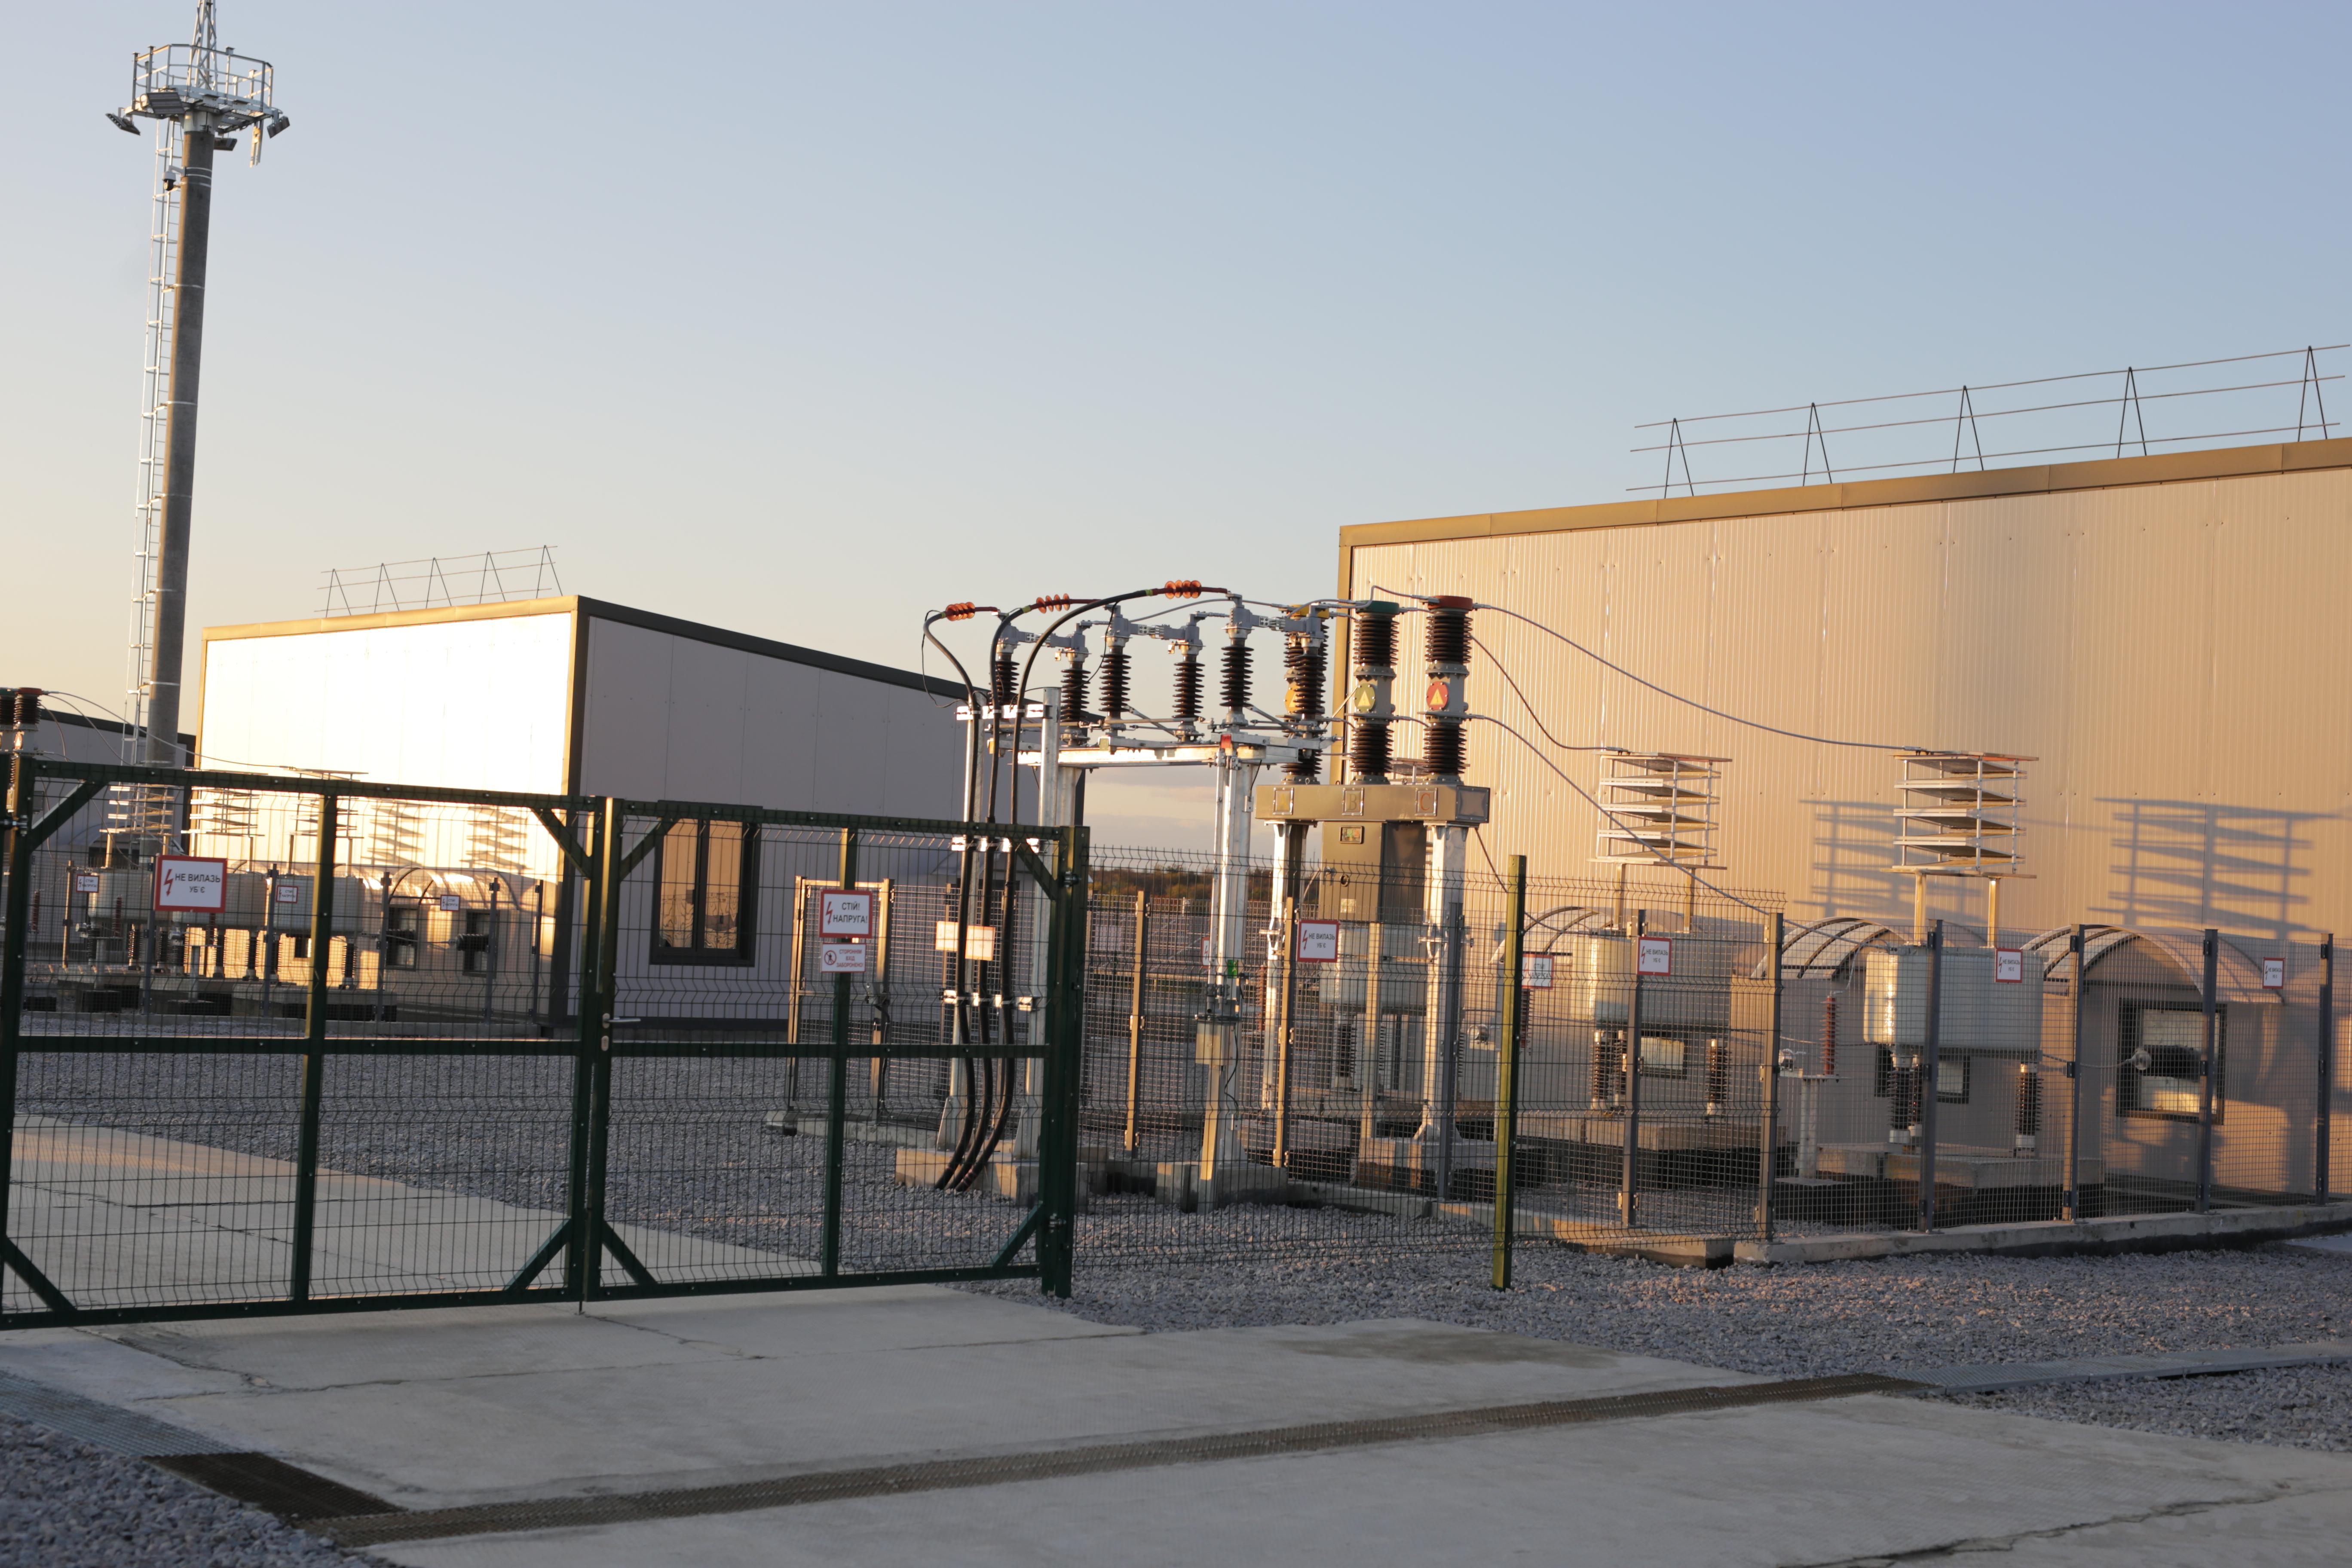 За рік СЕС вироблятиме 400 млн КВт-год електроенергії